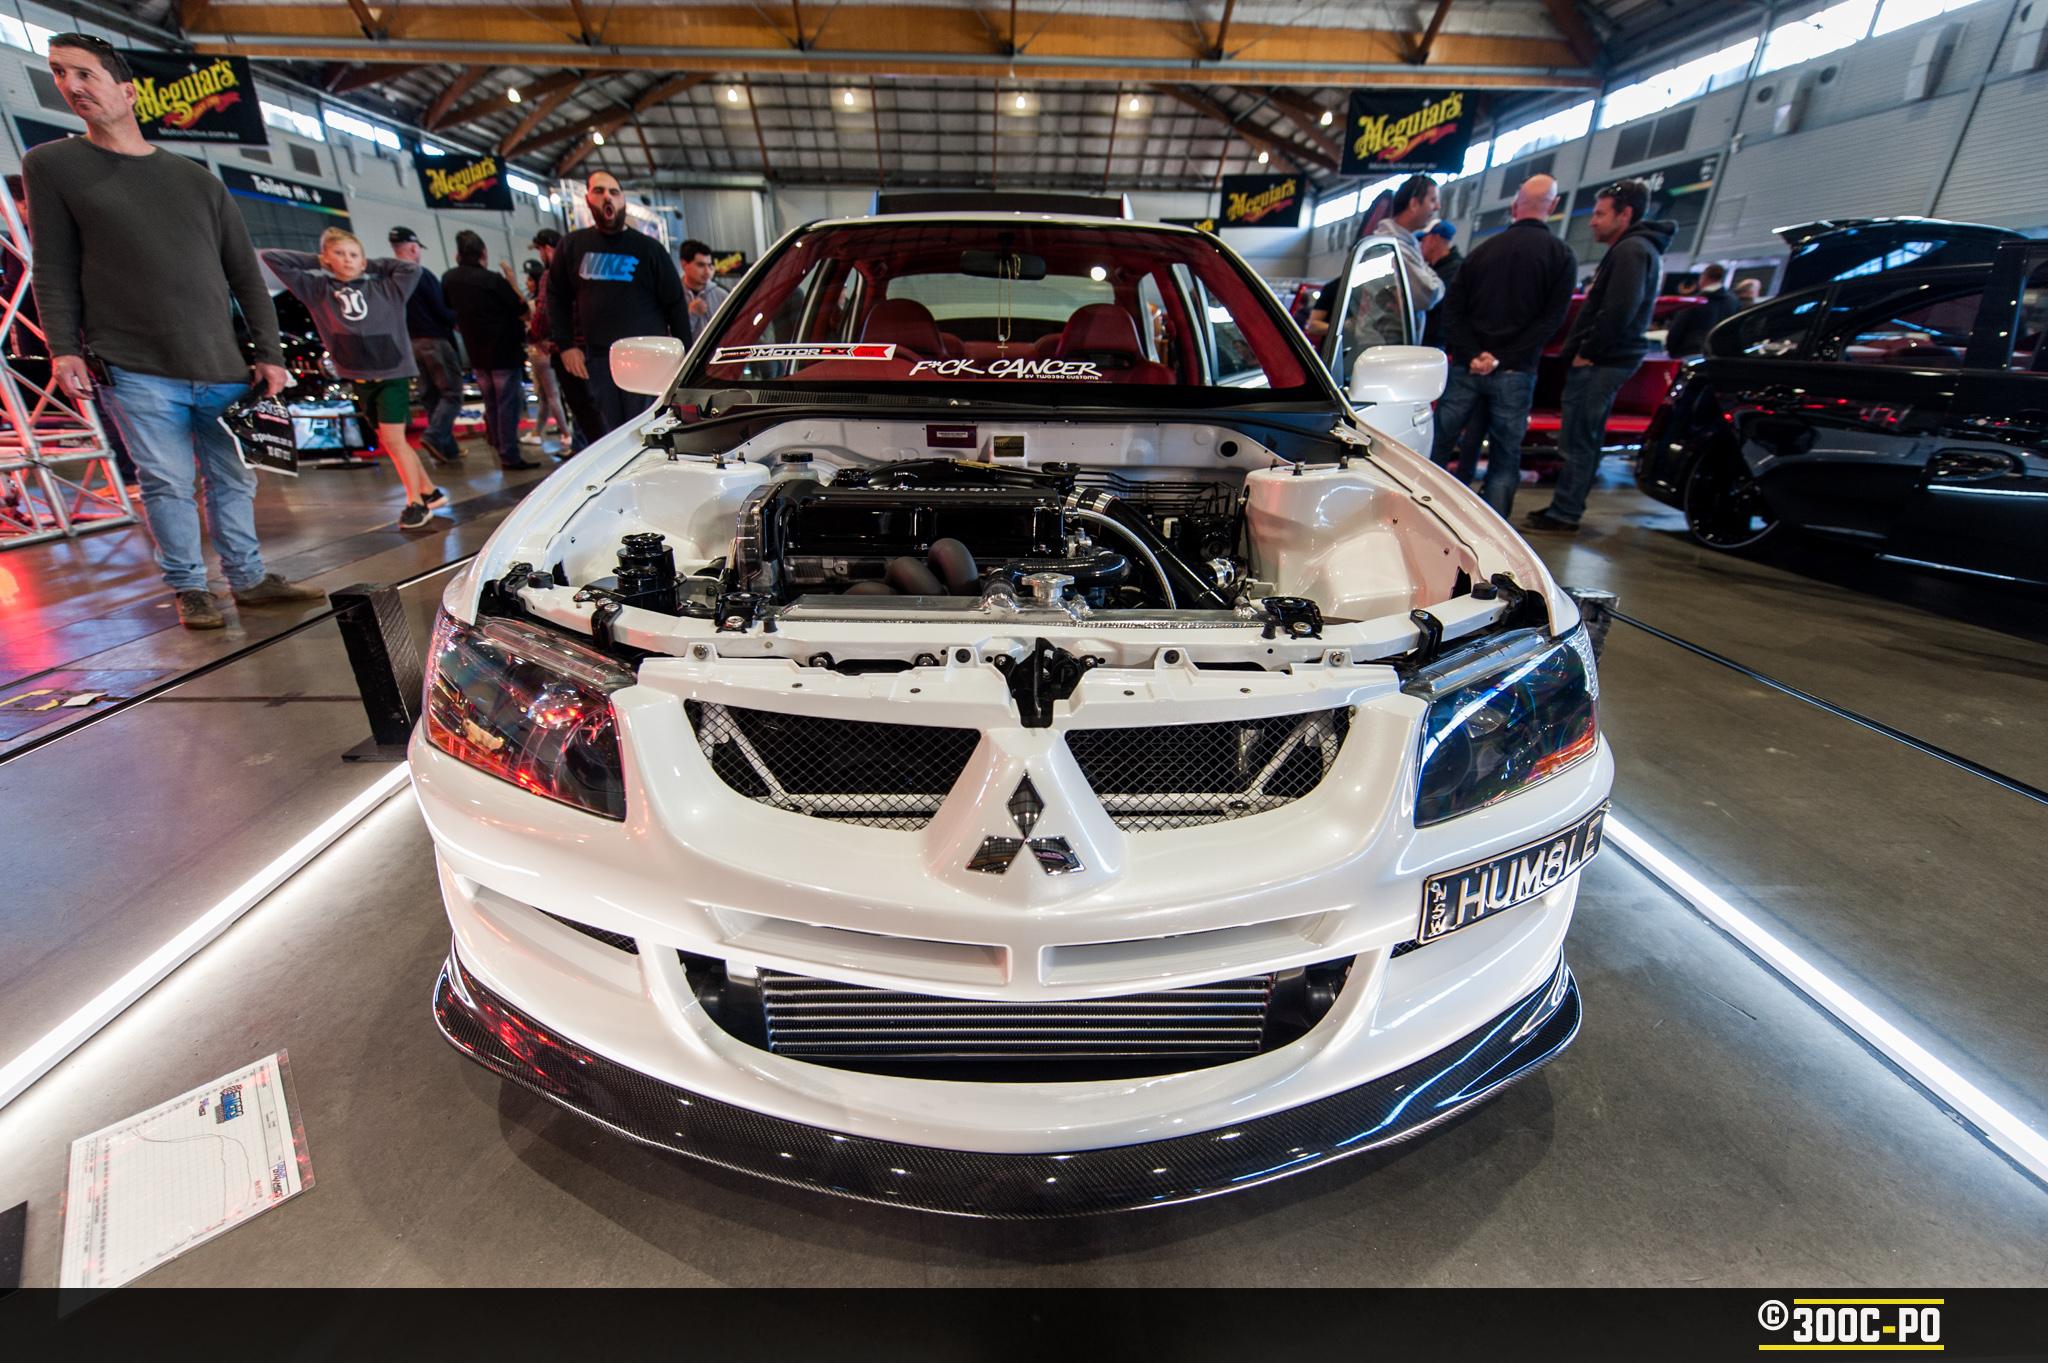 2017-07-22 - Meguiars MotorEx 045